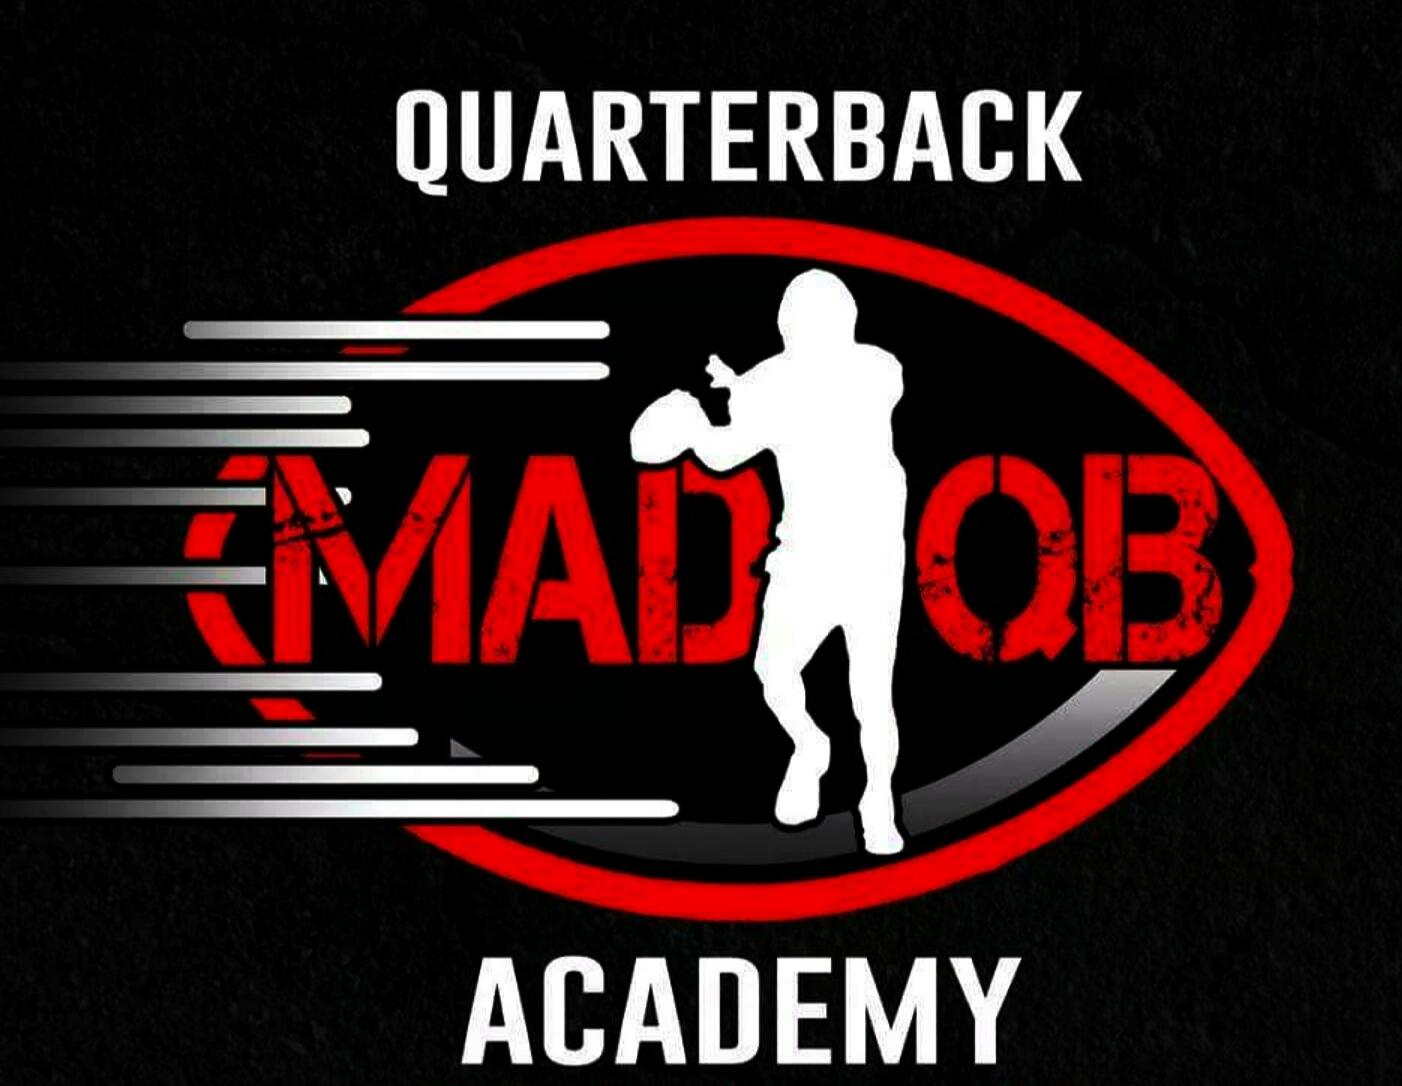 Quarterback Training